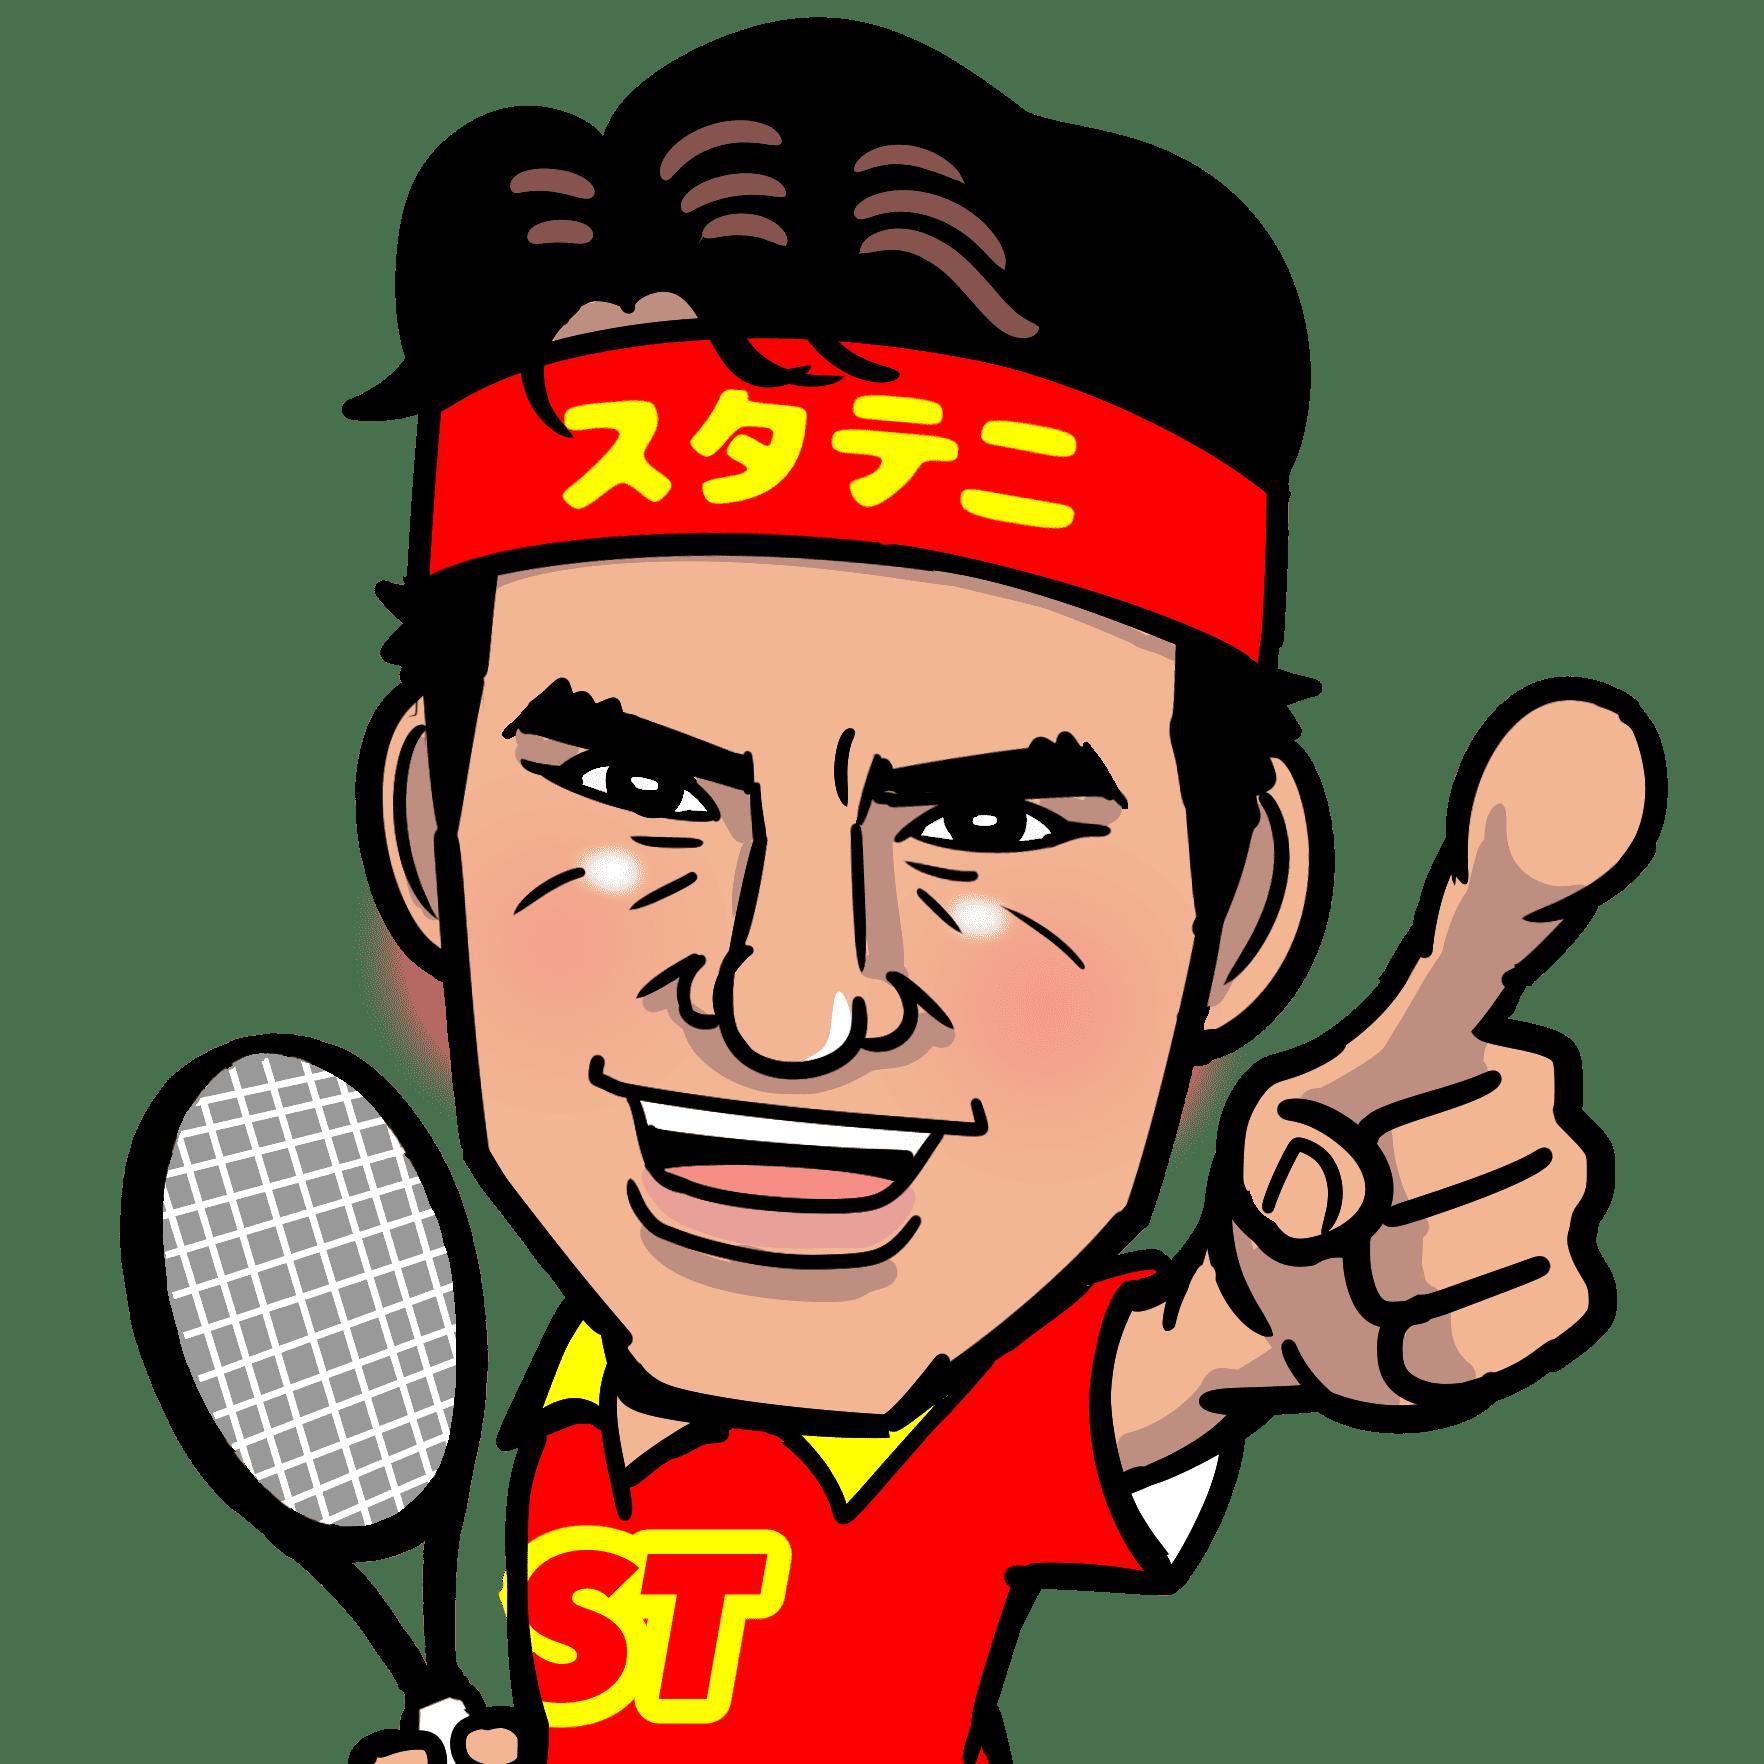 Vコア 98  2021 インプレ レビュー【柔らかくパワーもありスピンもかかる素晴らしいラケット】